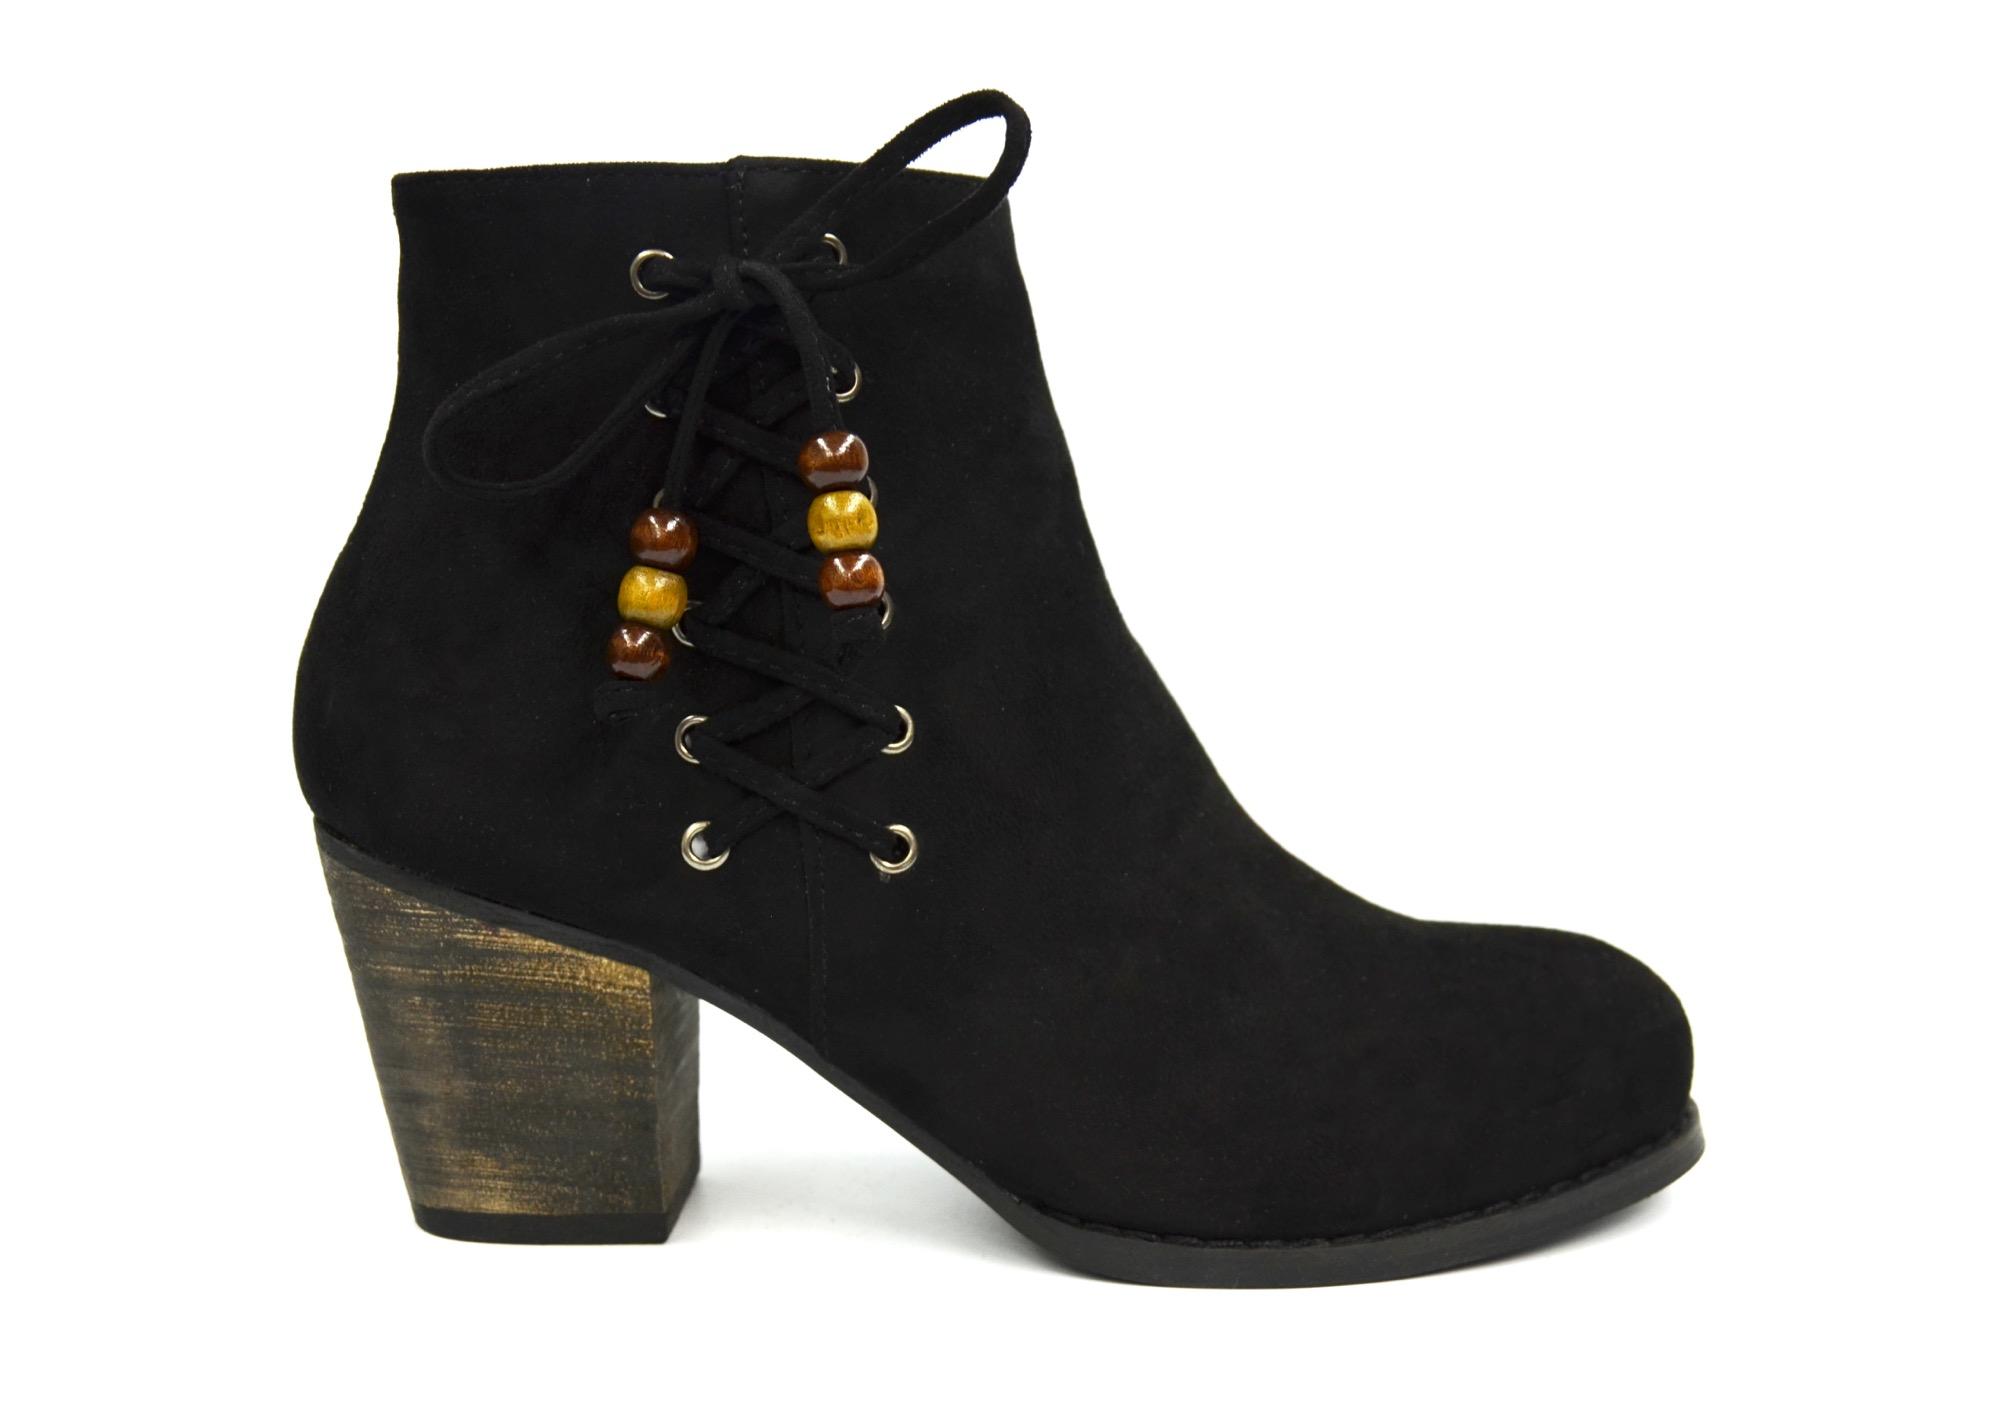 e4a17c00bfaee2 SHF37 * Bottines Boots à Talon Effet Daim Uni avec Lacets Croisés sur le  Côté et Perles Bois (Noir)